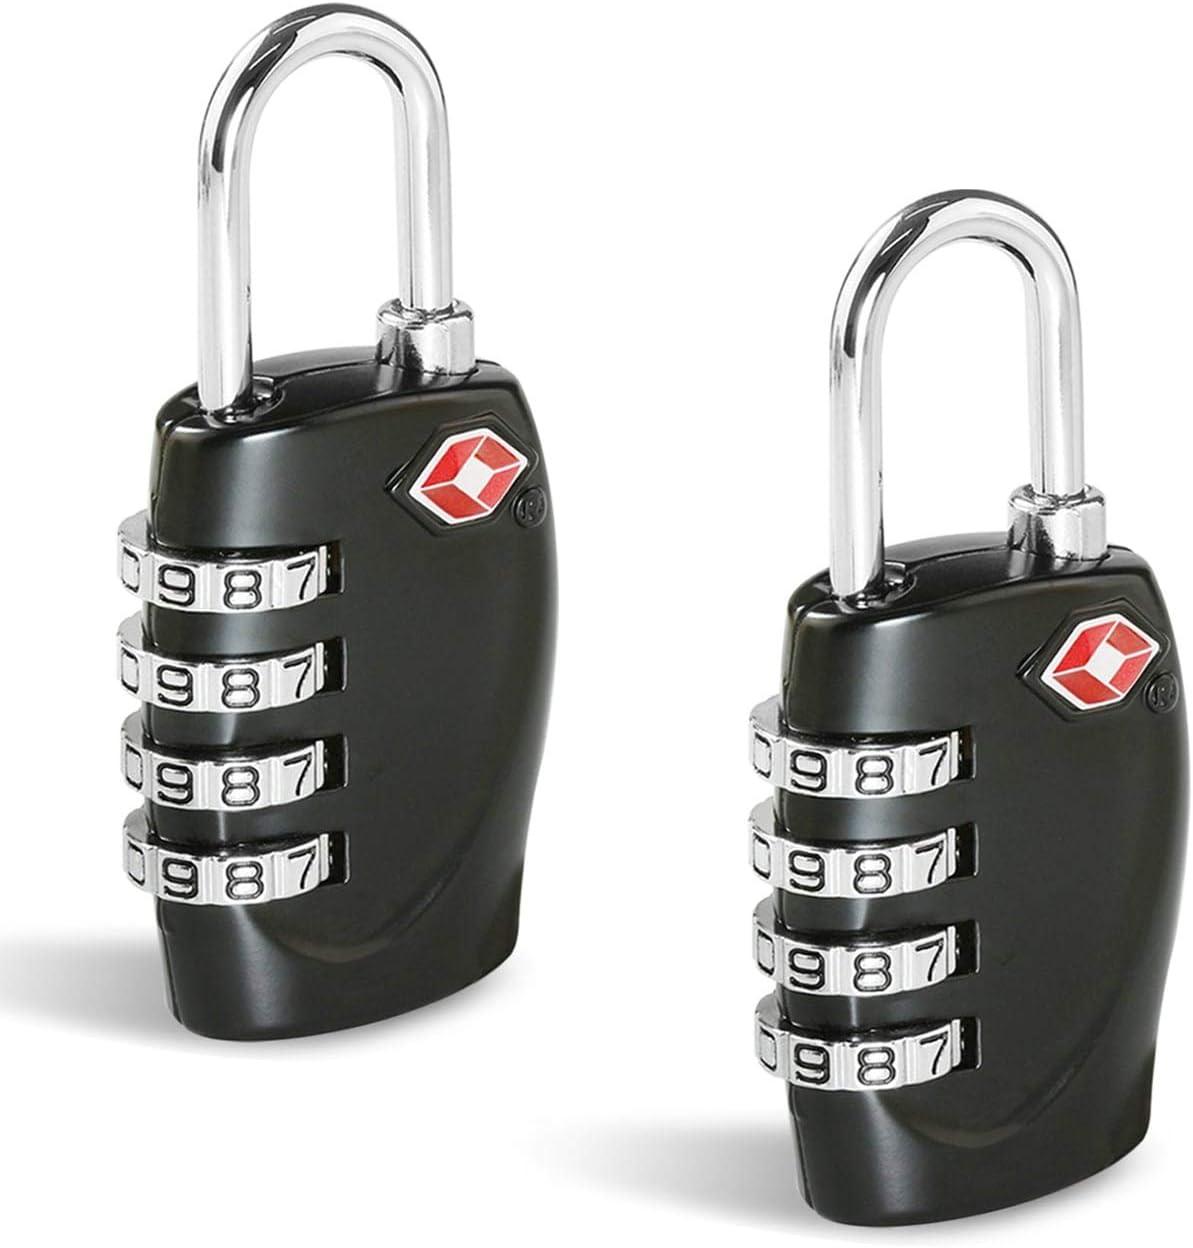 TSA Candados Maleta, Candado Homologado Equipaje de Seguridad [2 Pack] CFMOUR Combinación de 4 dígitos con Indicador para Maletas de Viaje Mochila - Negro